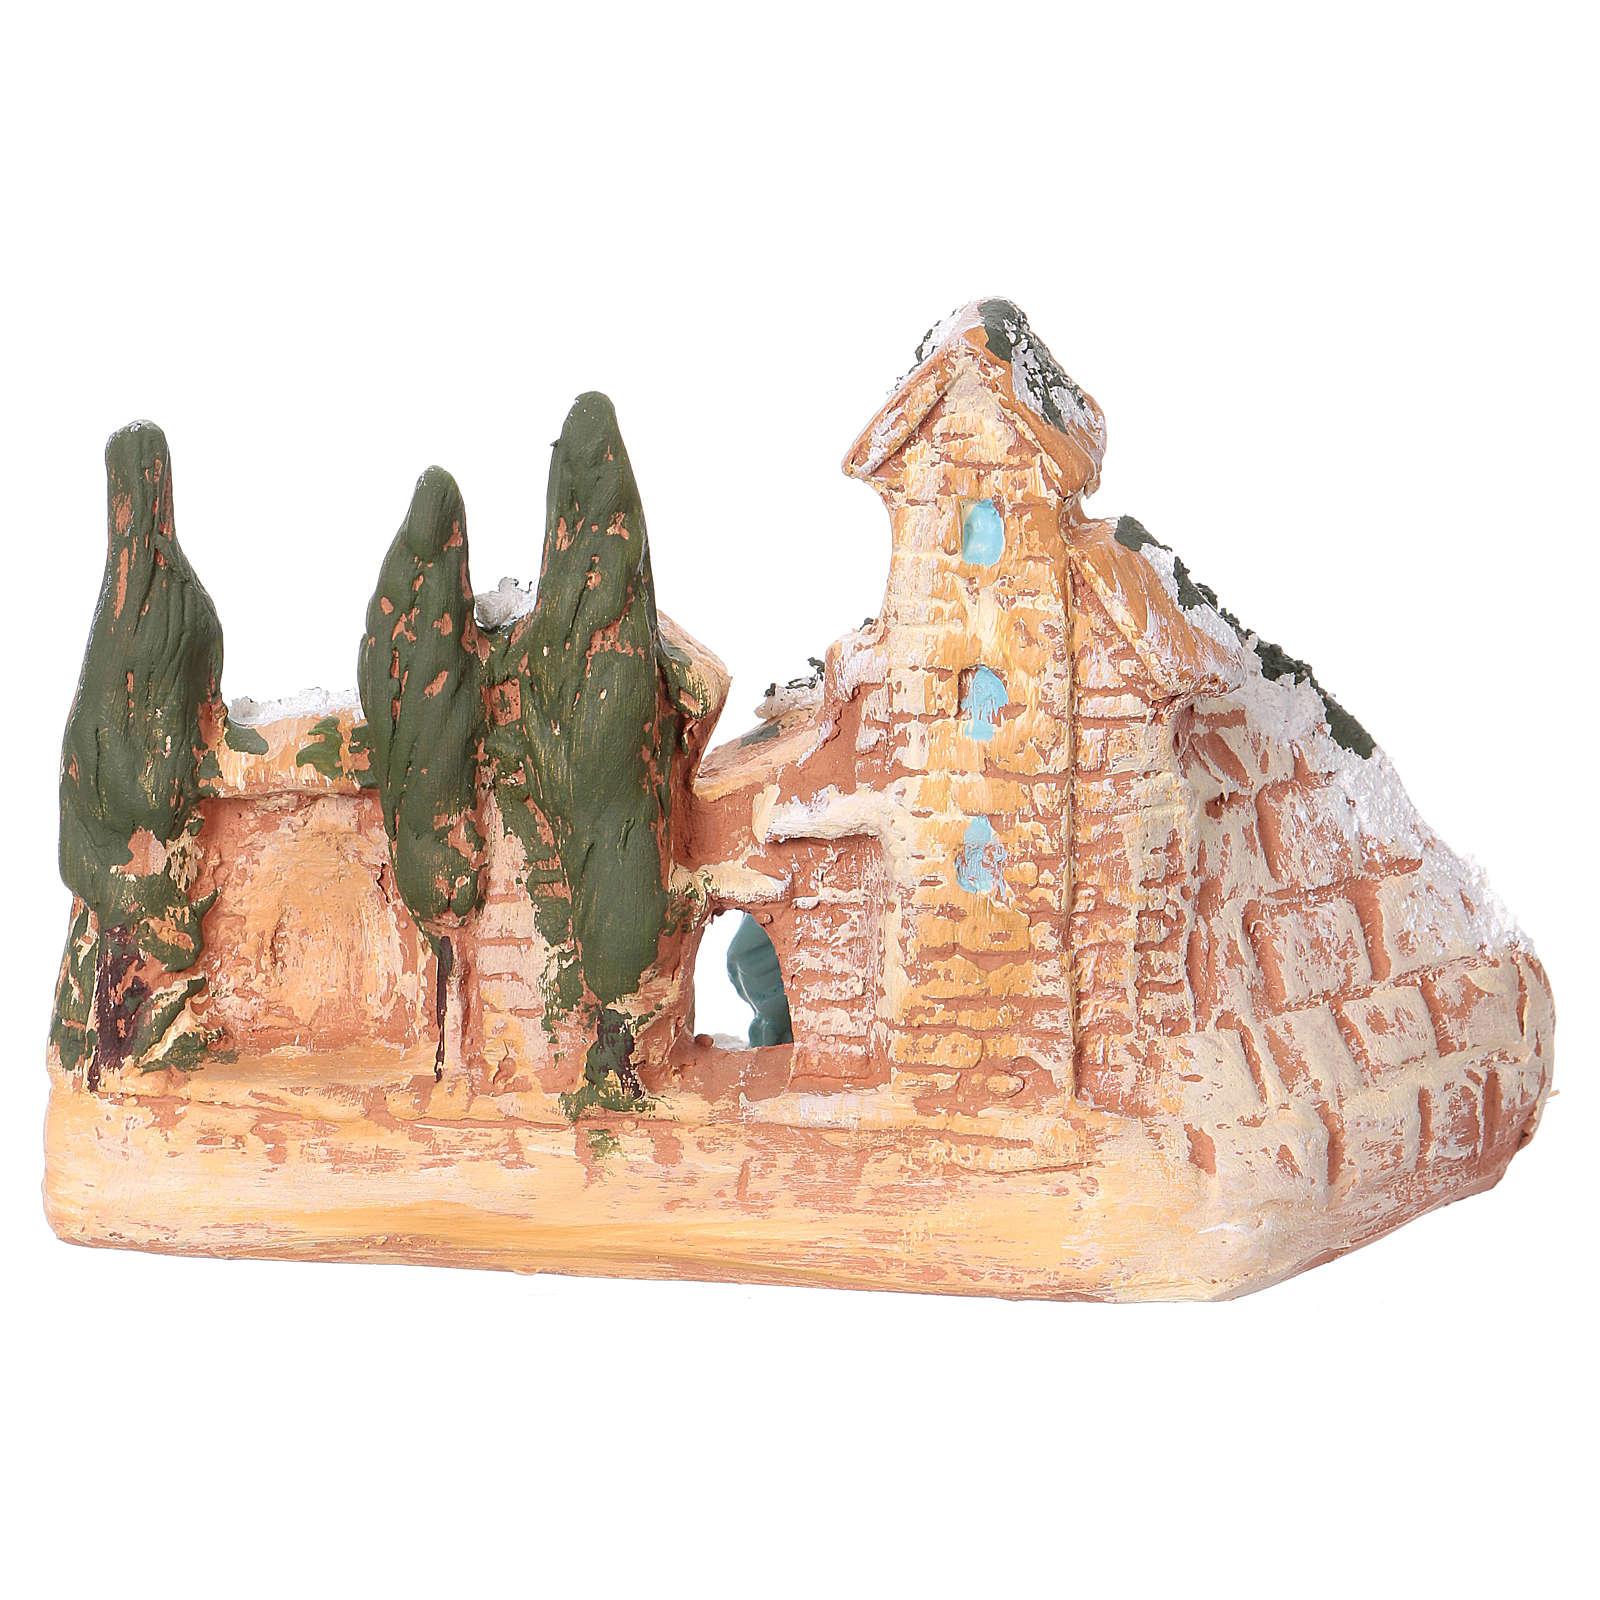 Cabane avec village terre cuite Deruta nativité 3 cm 10x15x10 cm 4